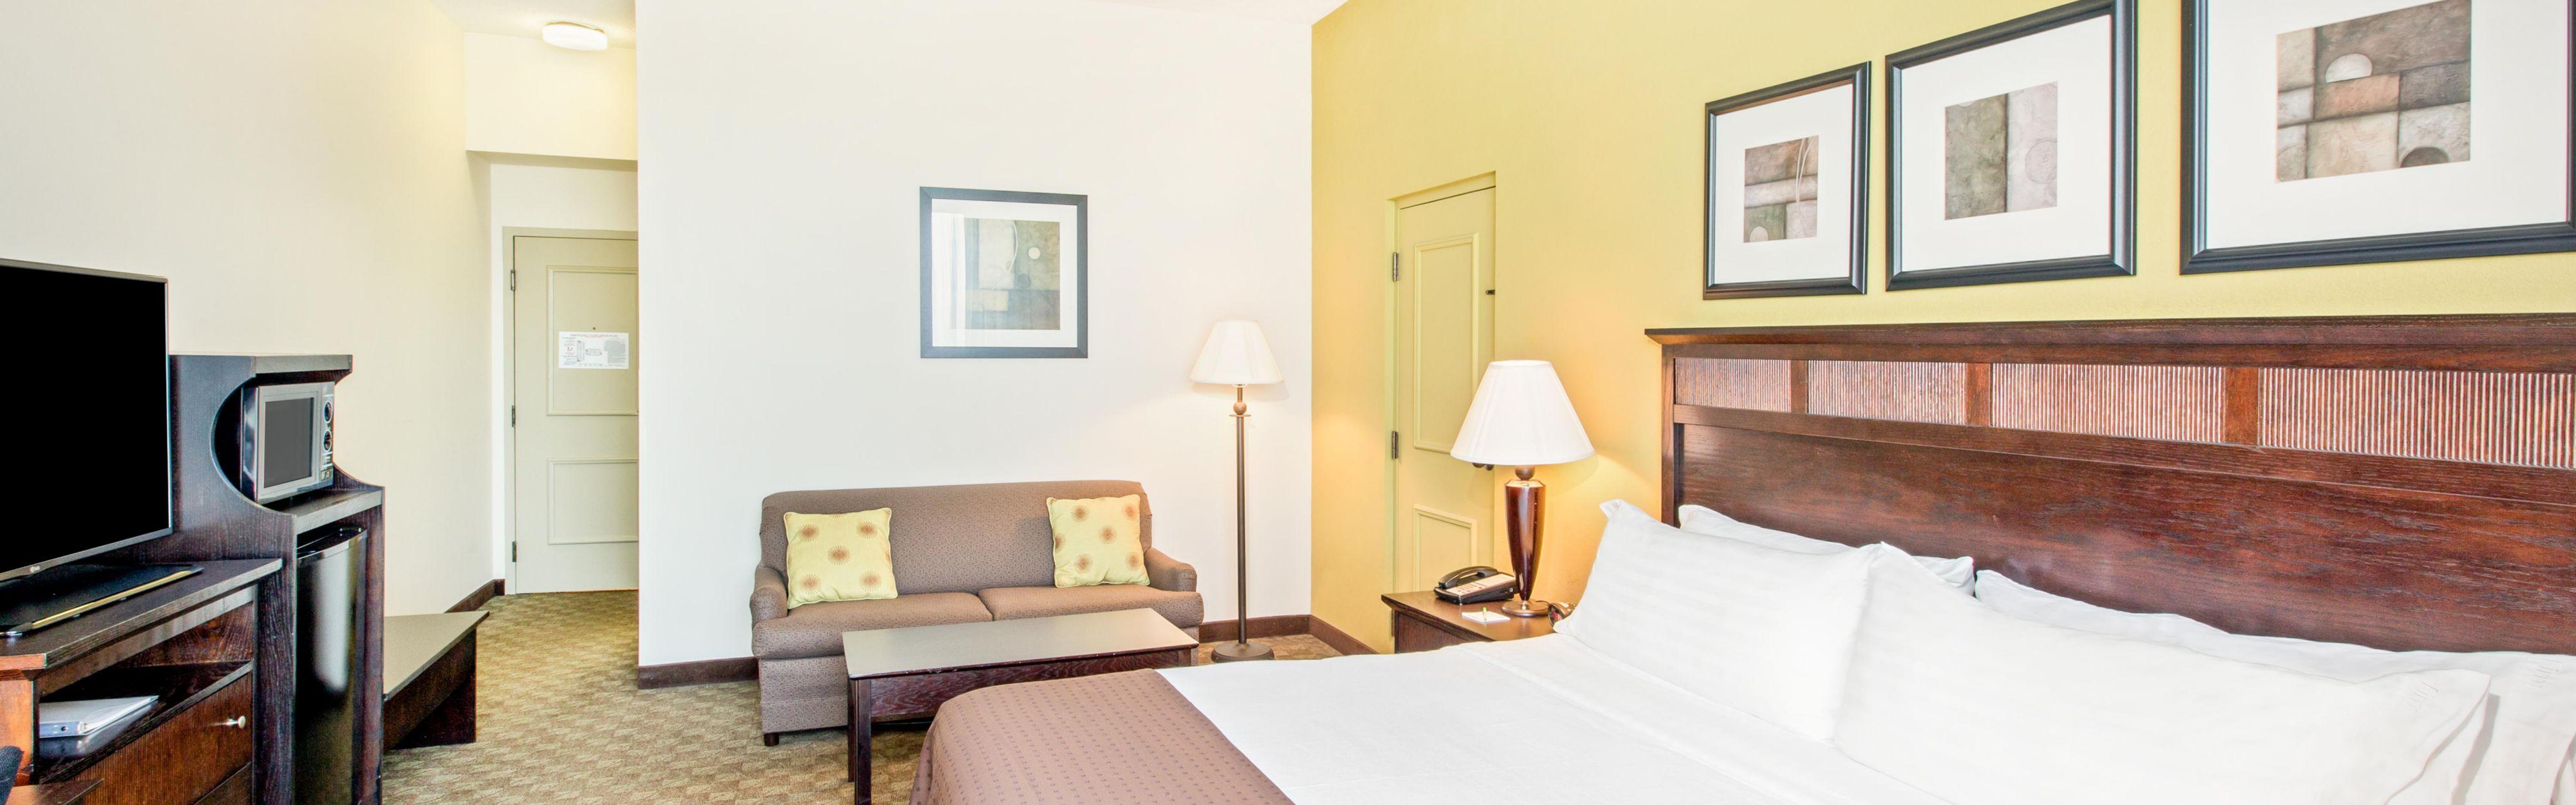 Holiday Inn Roanoke-Tanglewood-Rt 419&I581 image 1